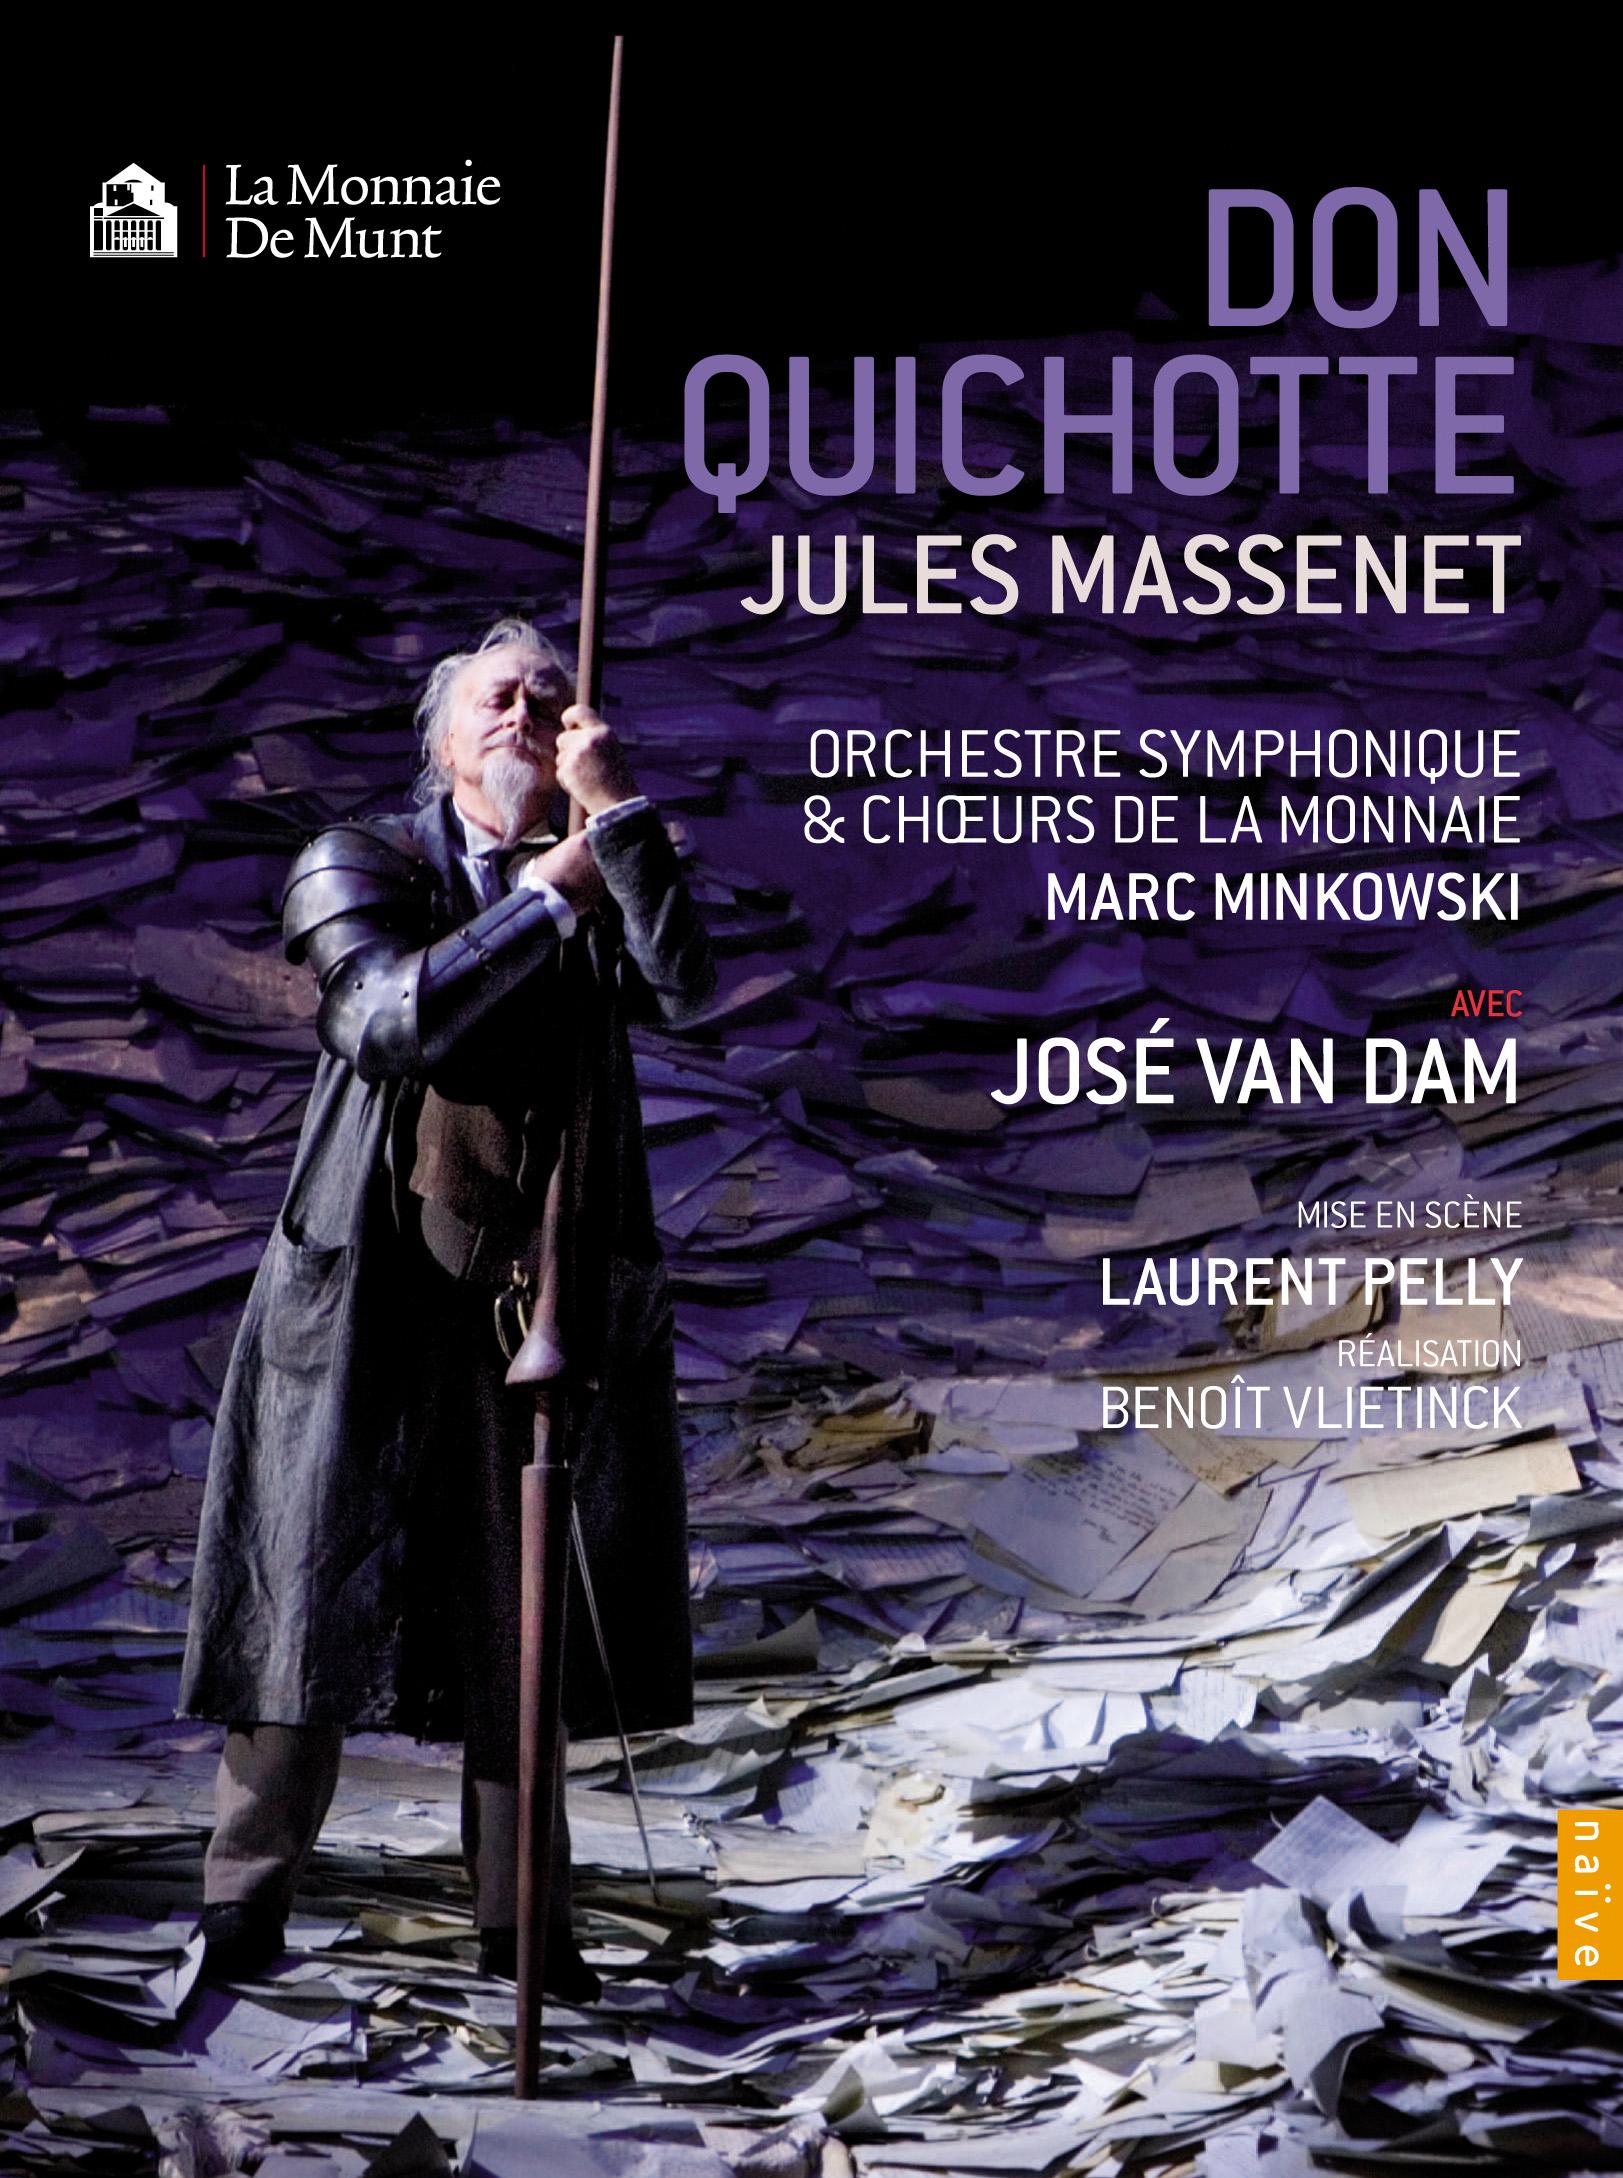 Don Quichotte (La Monnaie de Munt)